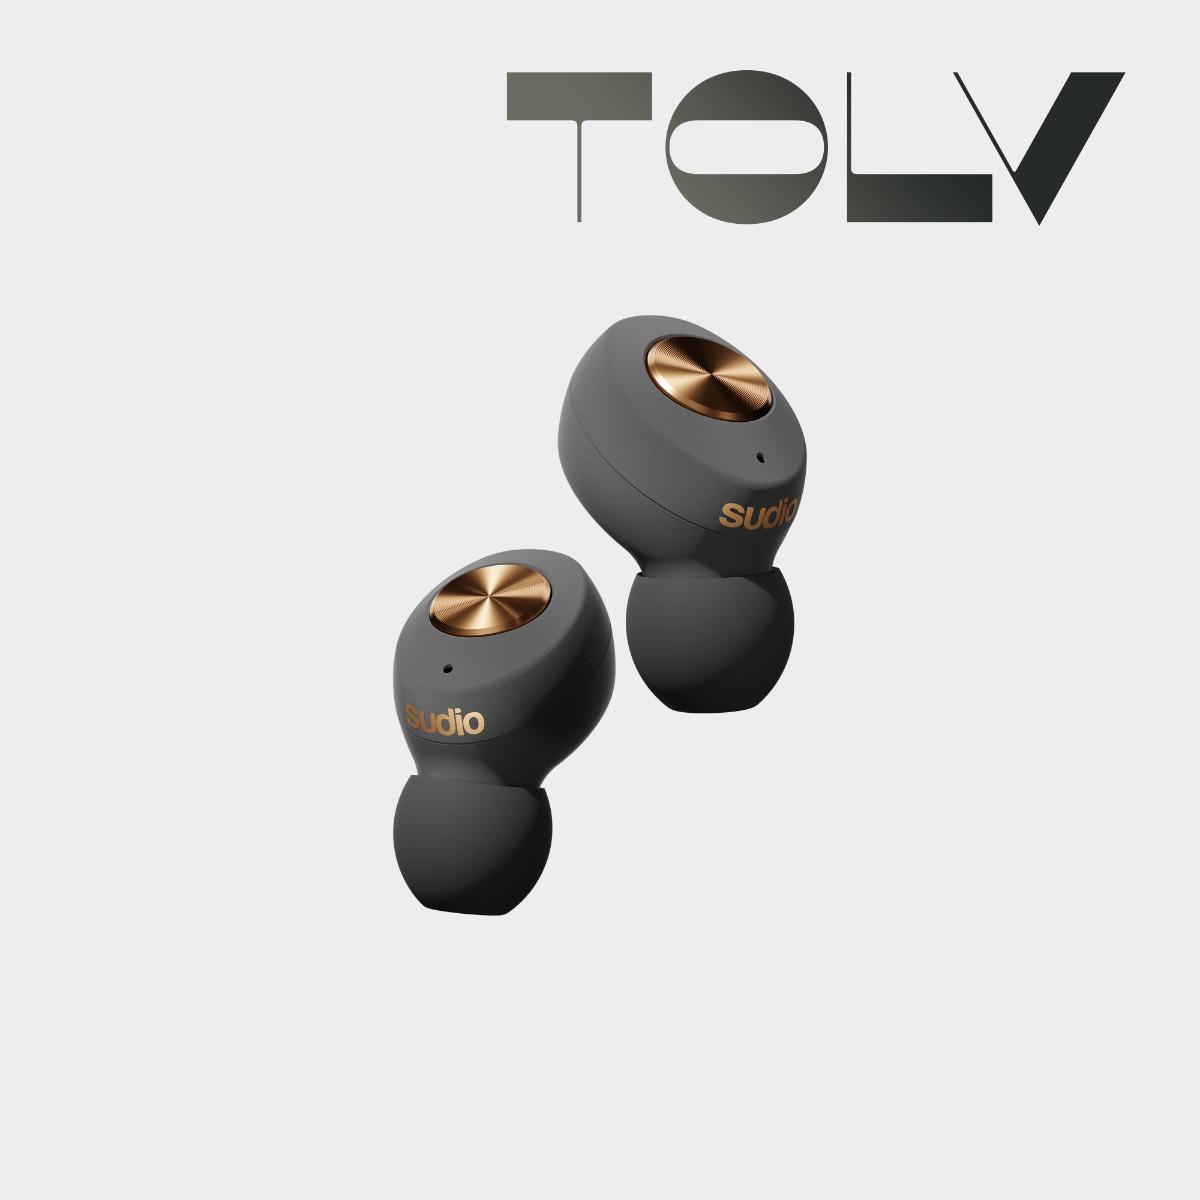 Sudio Tolv earbuds earphones wireless graphene driver